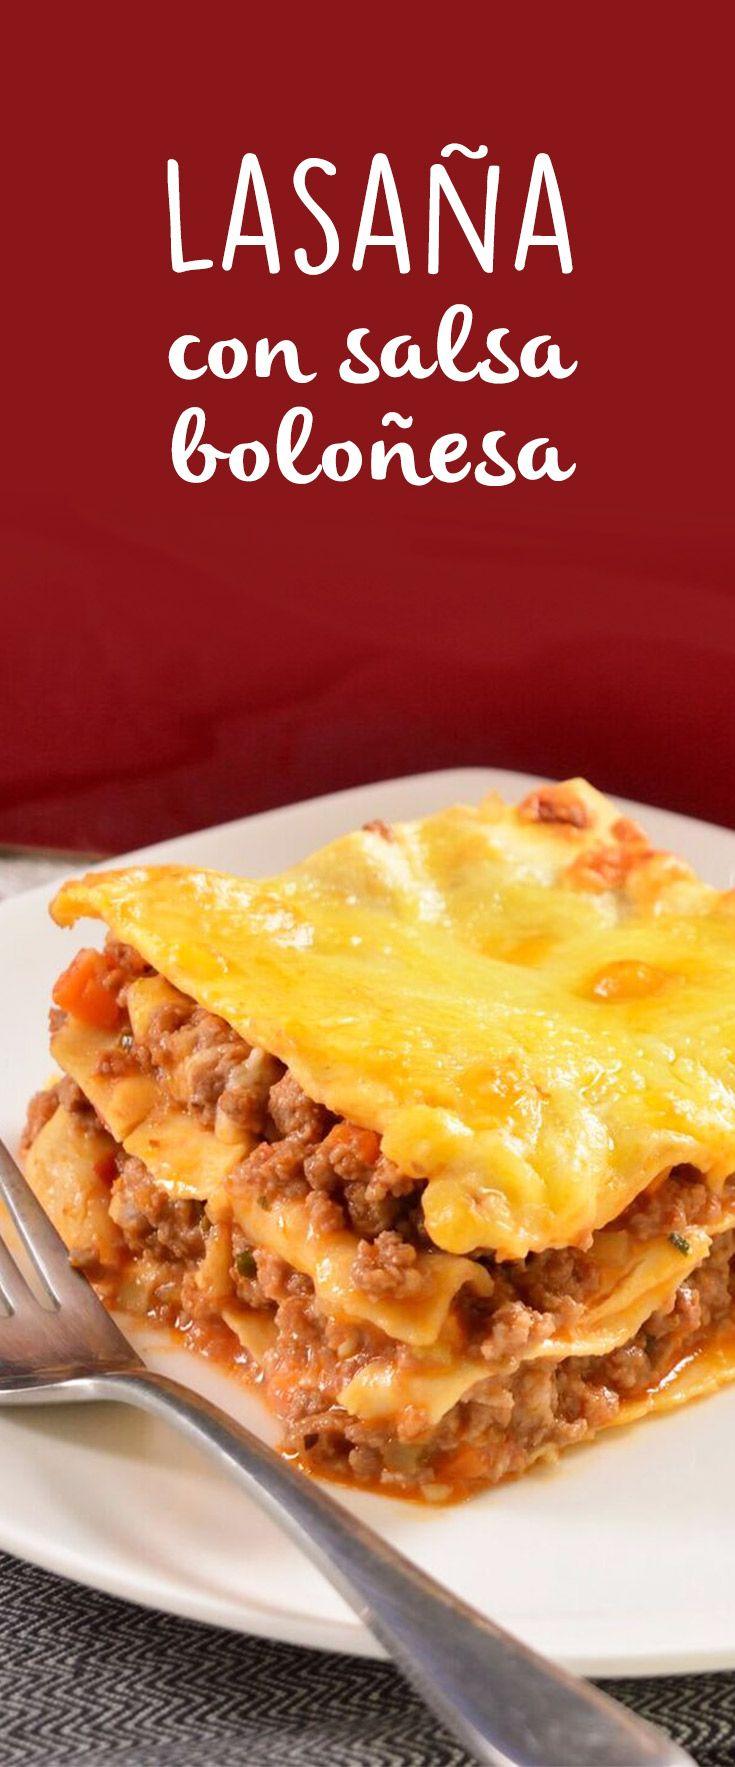 Lasaña Con Salsa Boloñesa Receta Comida Recetas De Comida Recetas De Cocina